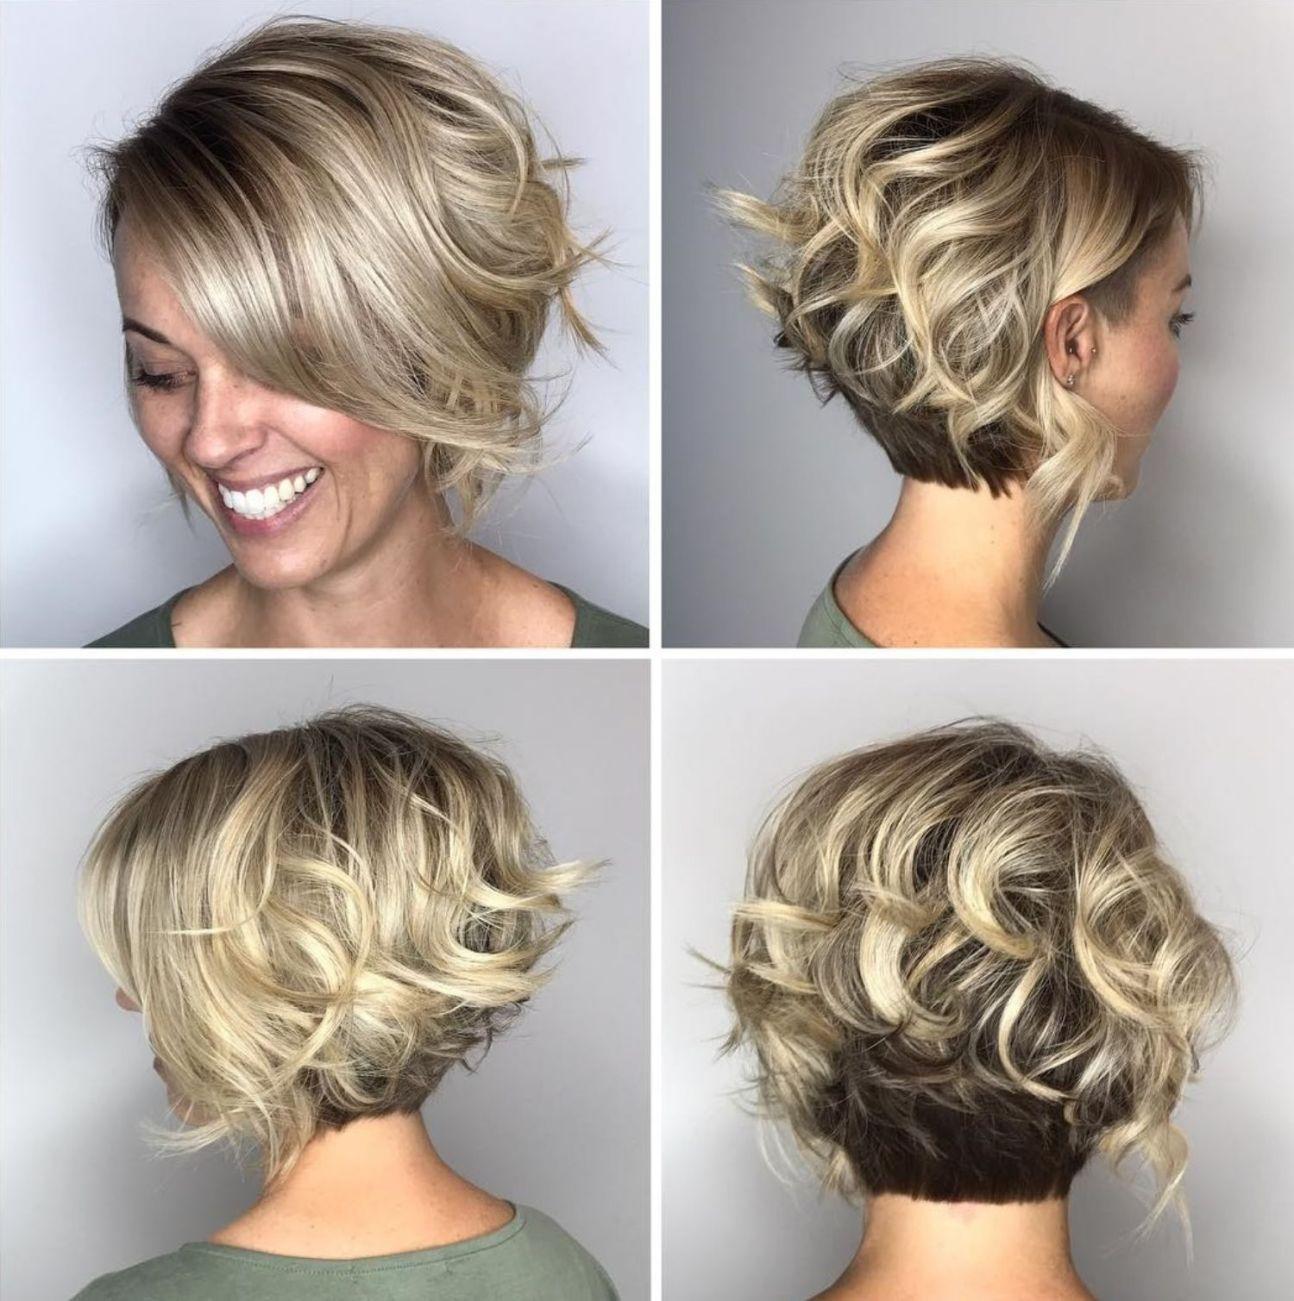 100 Mind Blowing Short Hairstyles For Fine Hair Manichiuri Franțuzești